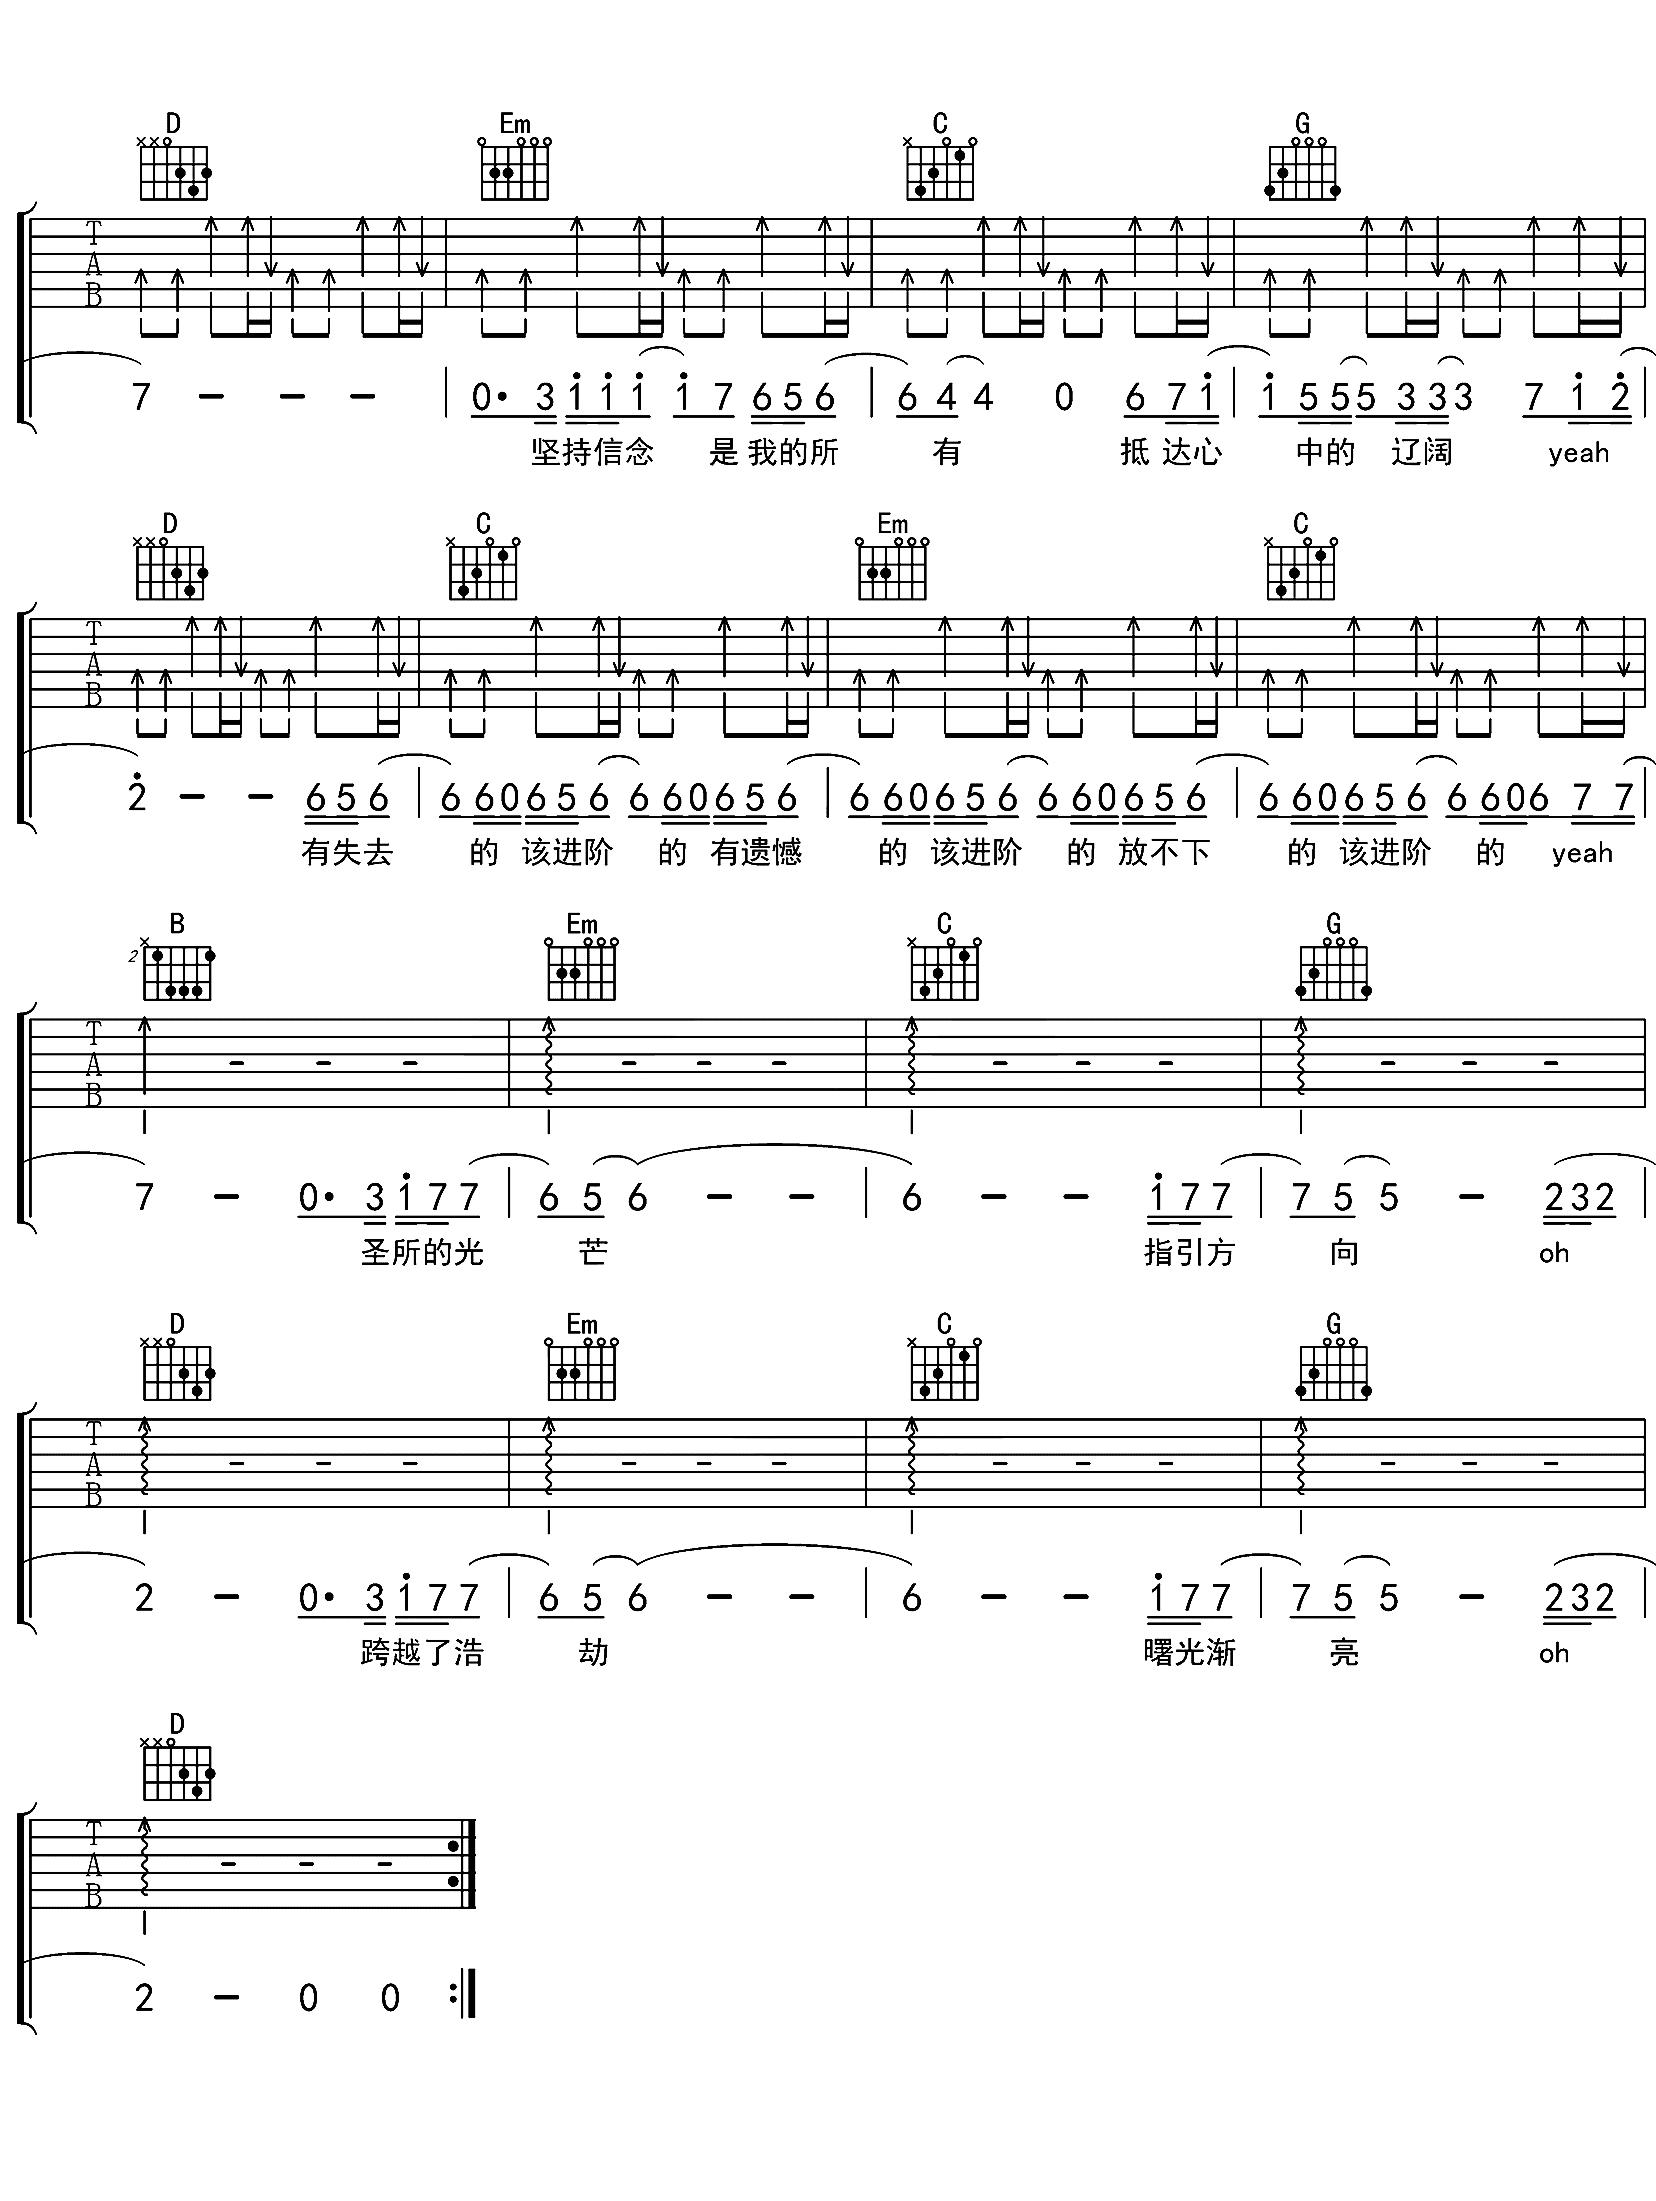 進階-林俊杰-图片吉他谱-2